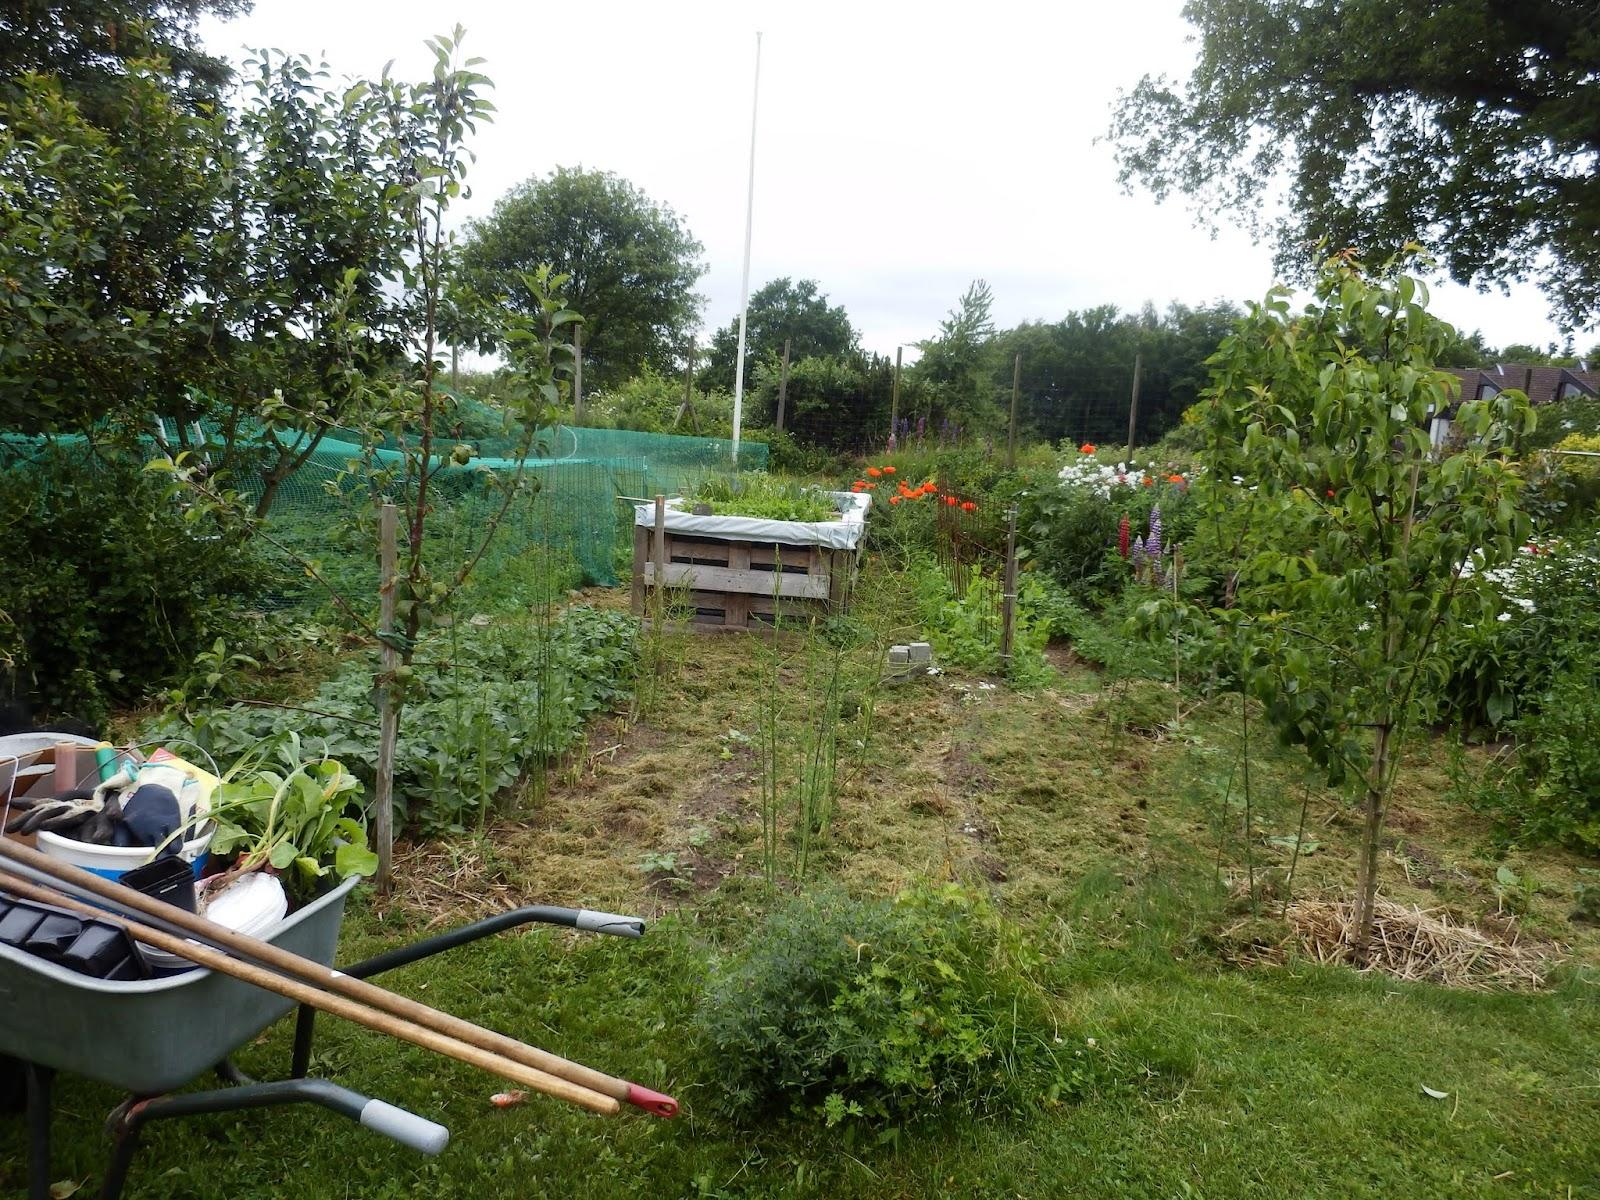 hochbeet bepflanzen erdbeeren garten design ideen um. Black Bedroom Furniture Sets. Home Design Ideas